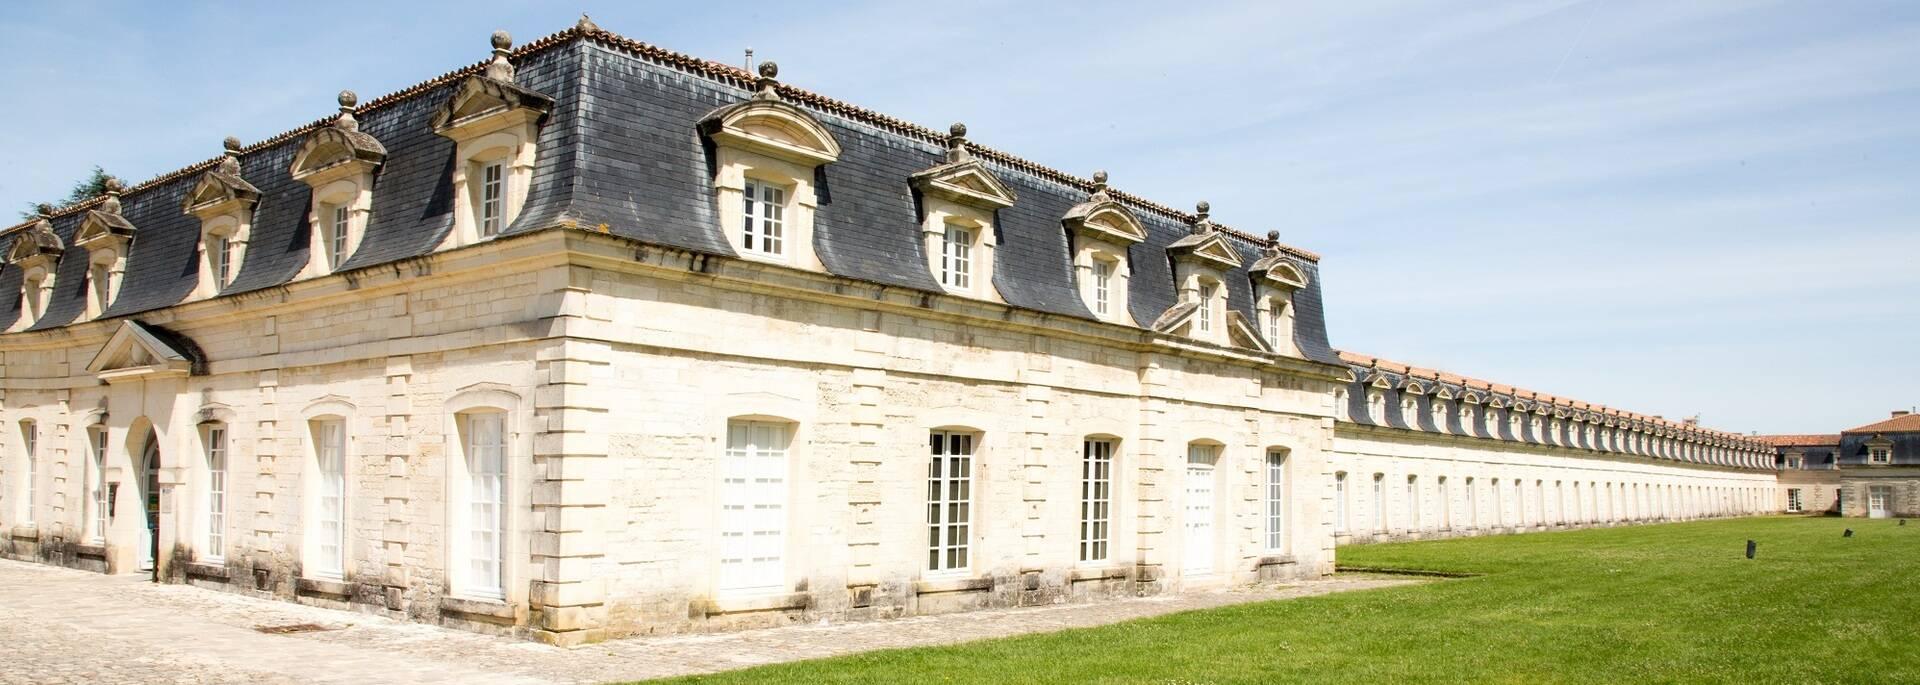 La Corderie Royale de Rochefort - ©Shutterstock